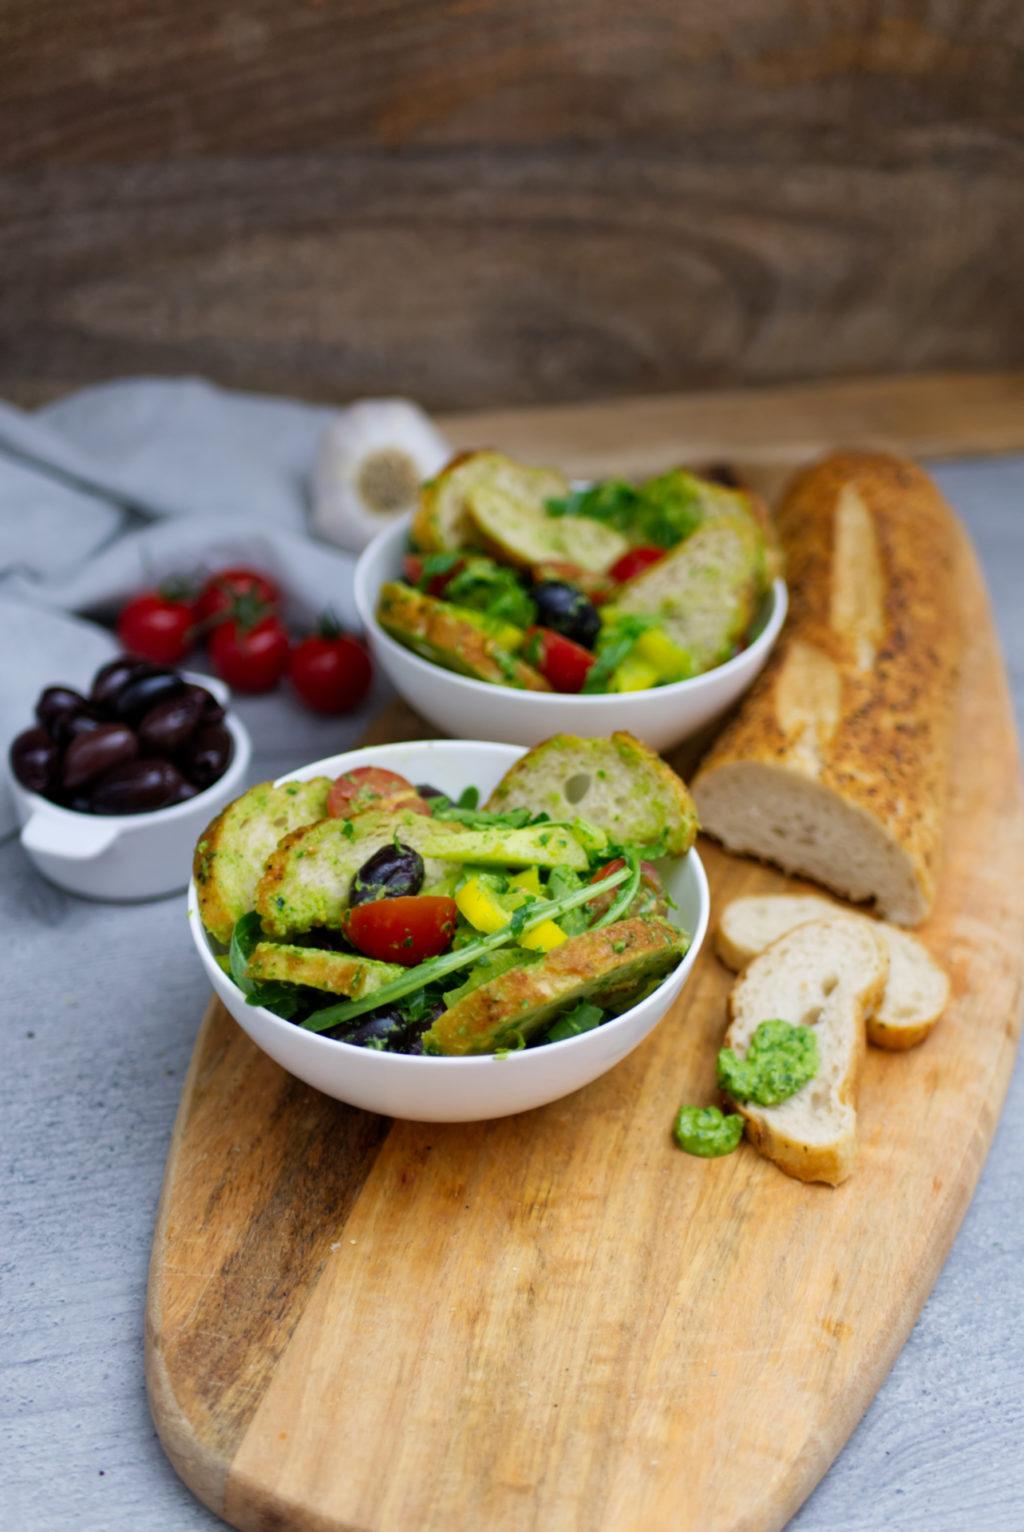 Mediterraner Brotsalat mit Pesto, Kalamataoliven, Ciabatta, kleinen Tomaten, Rucola und Basilikum. Angerichtet in kleinen Schüsseln. | Das Rezept | Panama Quadrat – der Foodblog aus Münster